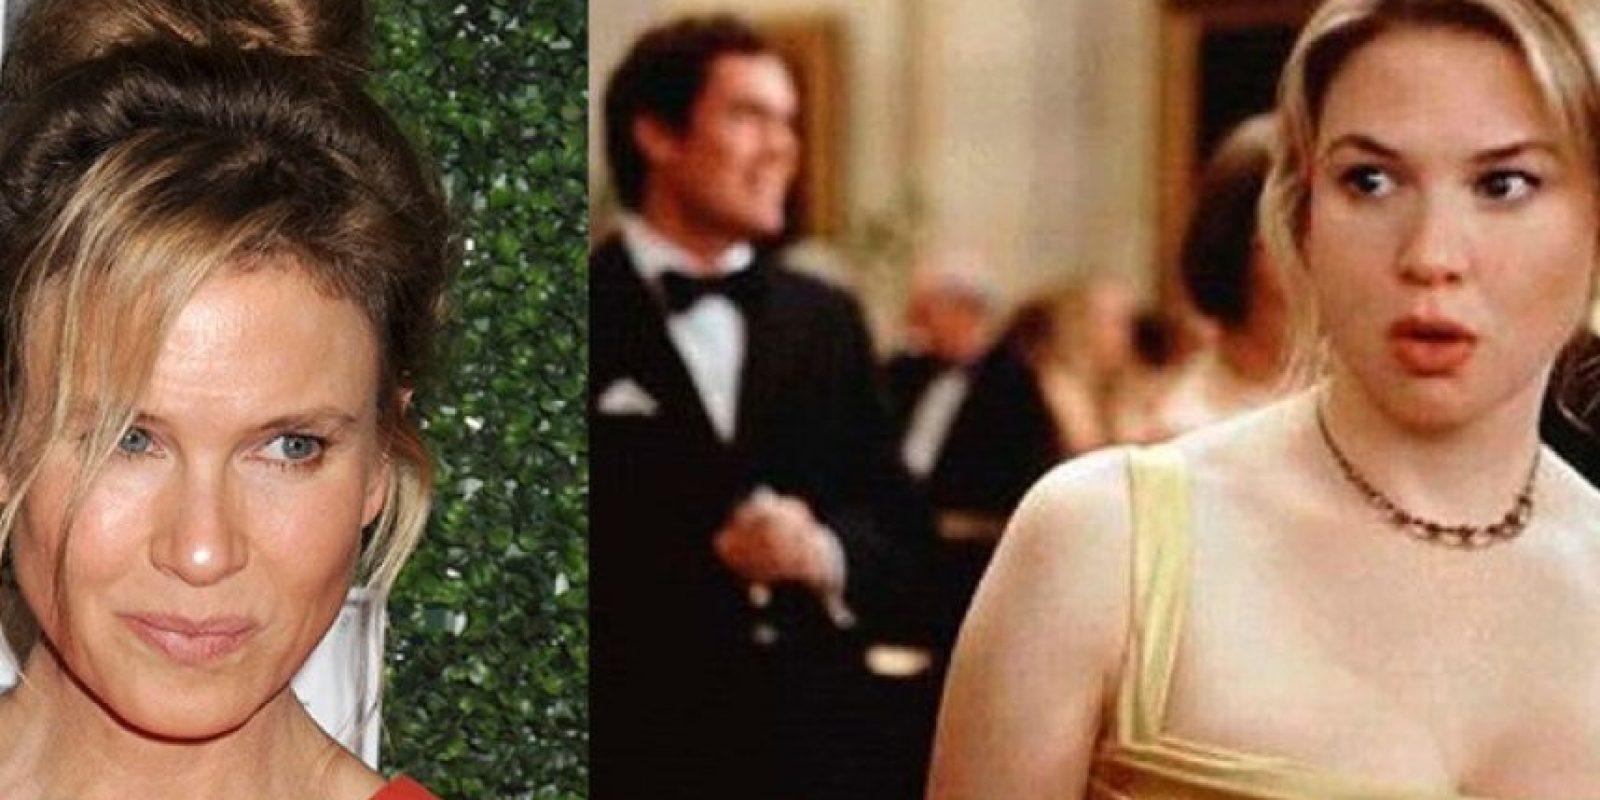 Renee Zellweger engordó cerca de 15 kilos para su personaje de'Bridget Jones. Lo más impactante fue su rápida pérdida de peso cuando terminó la filmación.